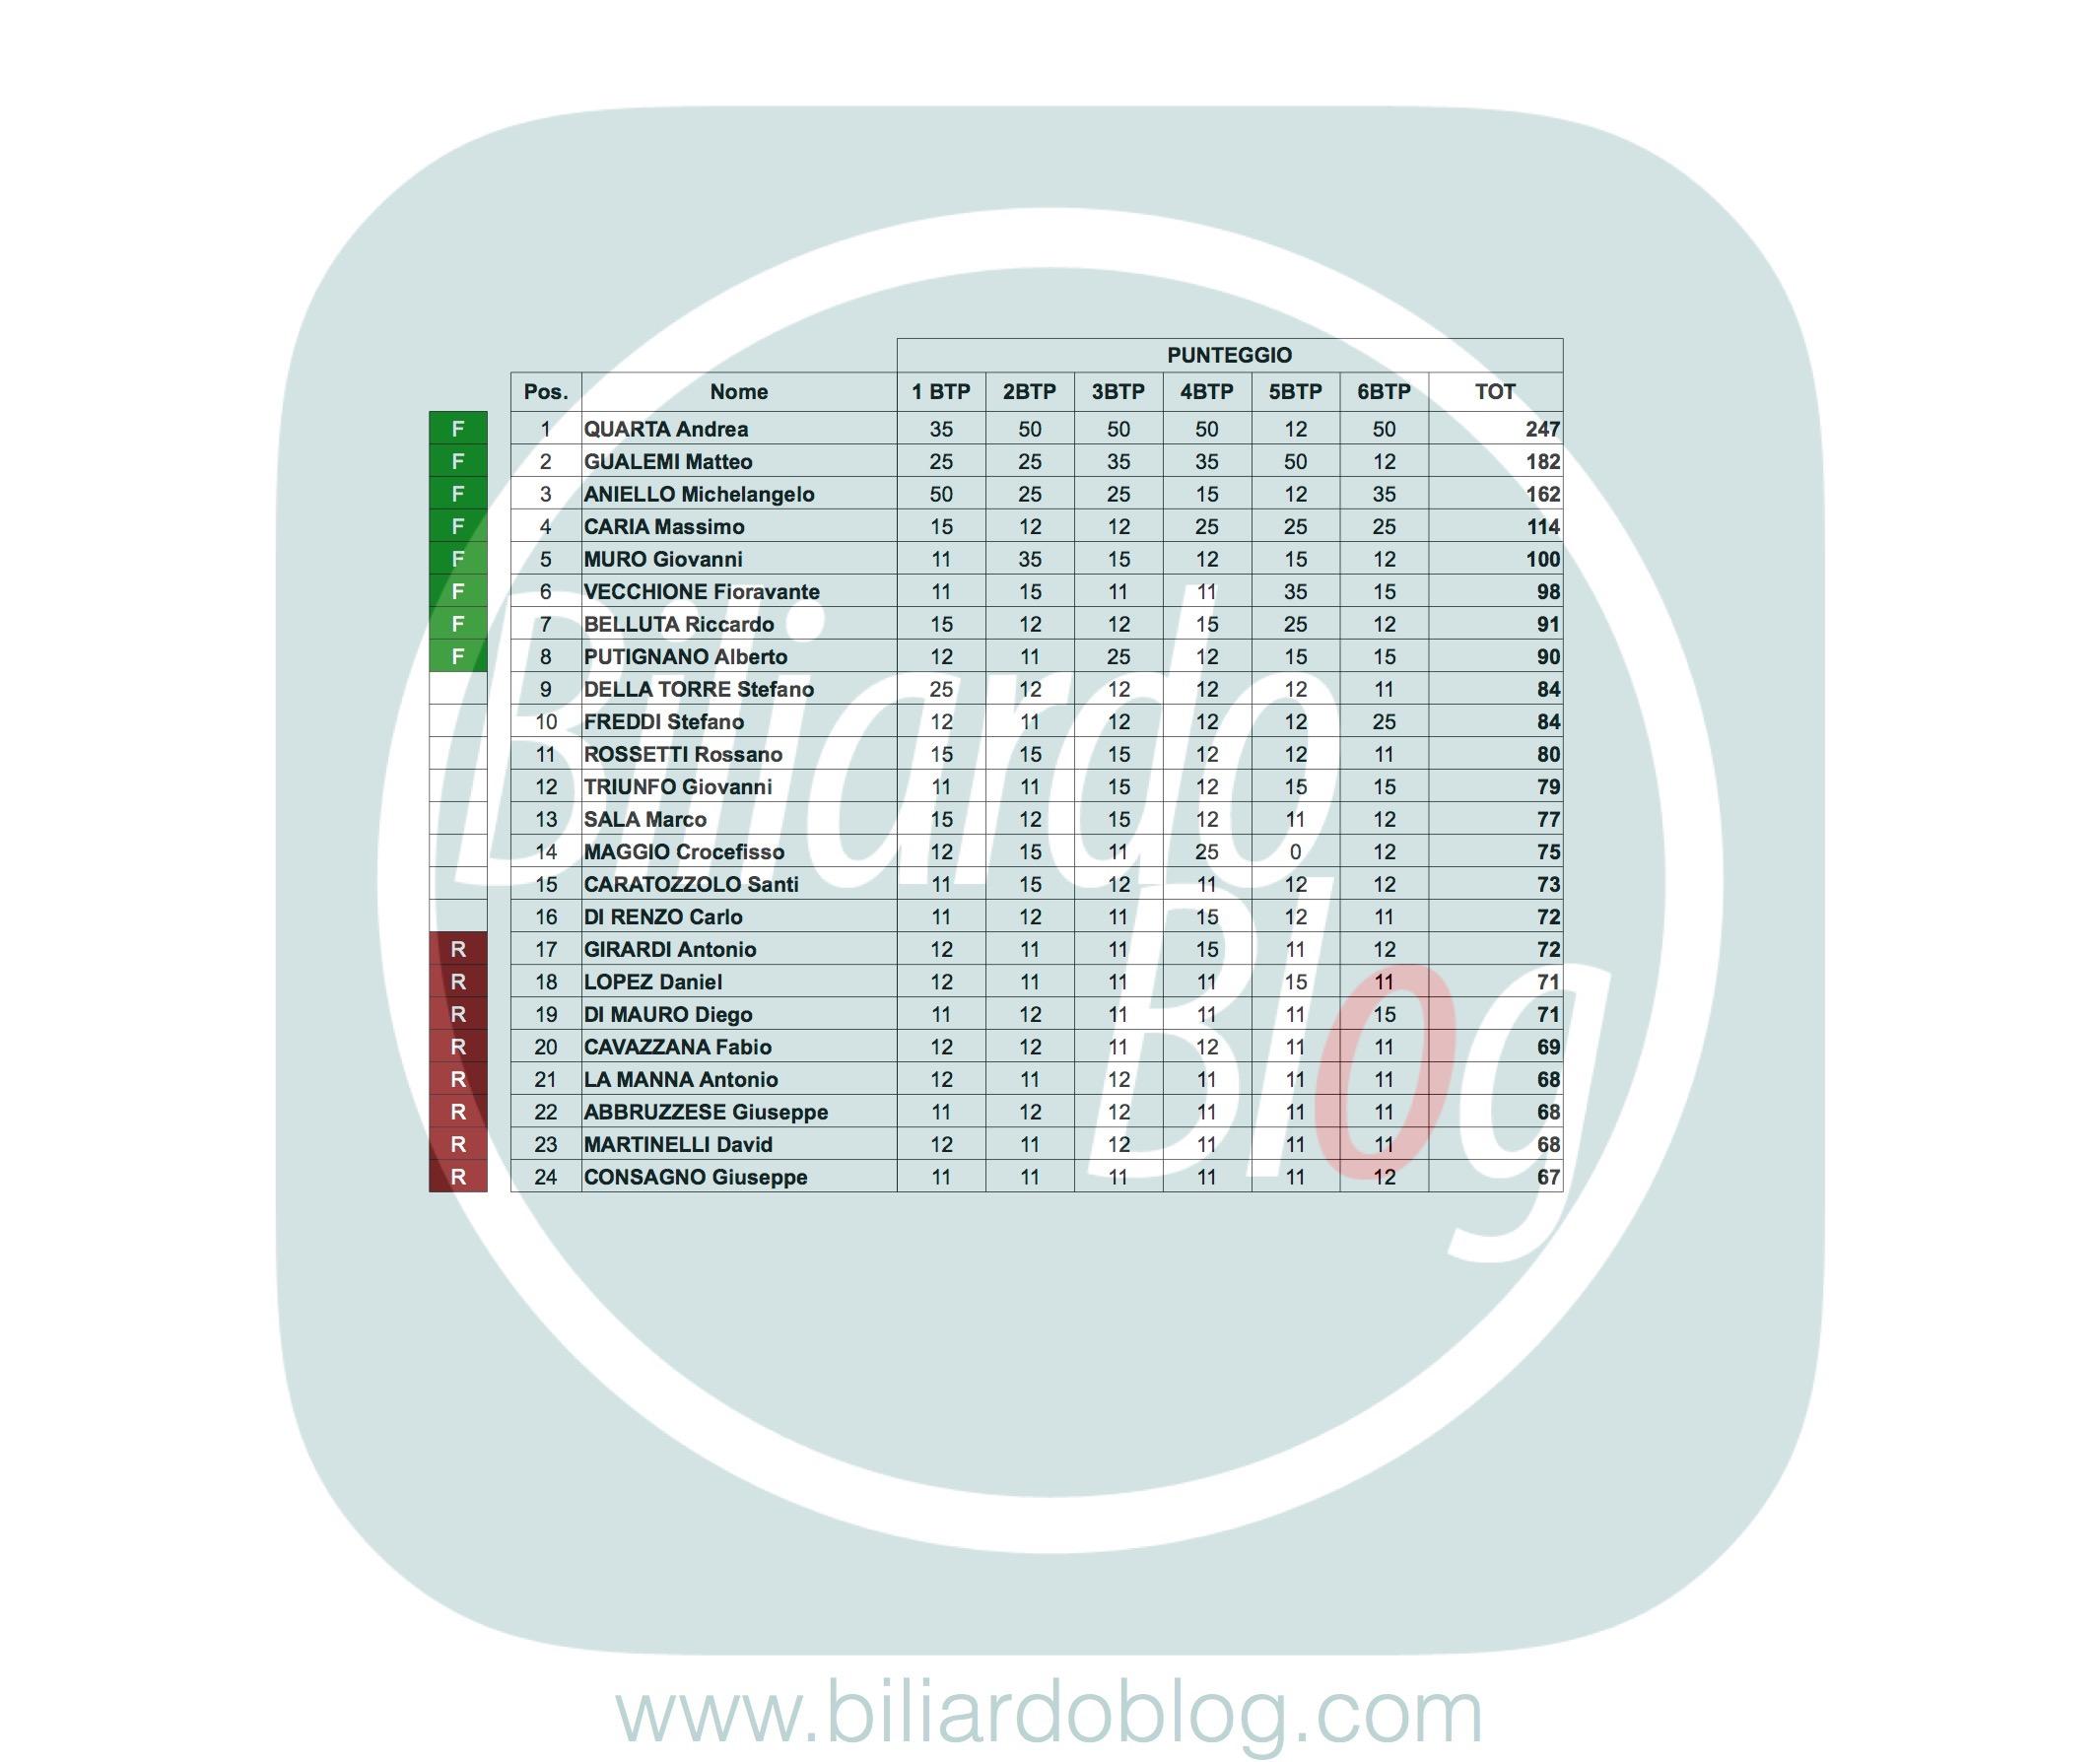 Poule finale del Campionato Italiano di Biliardo 2016: classifica Pro finale